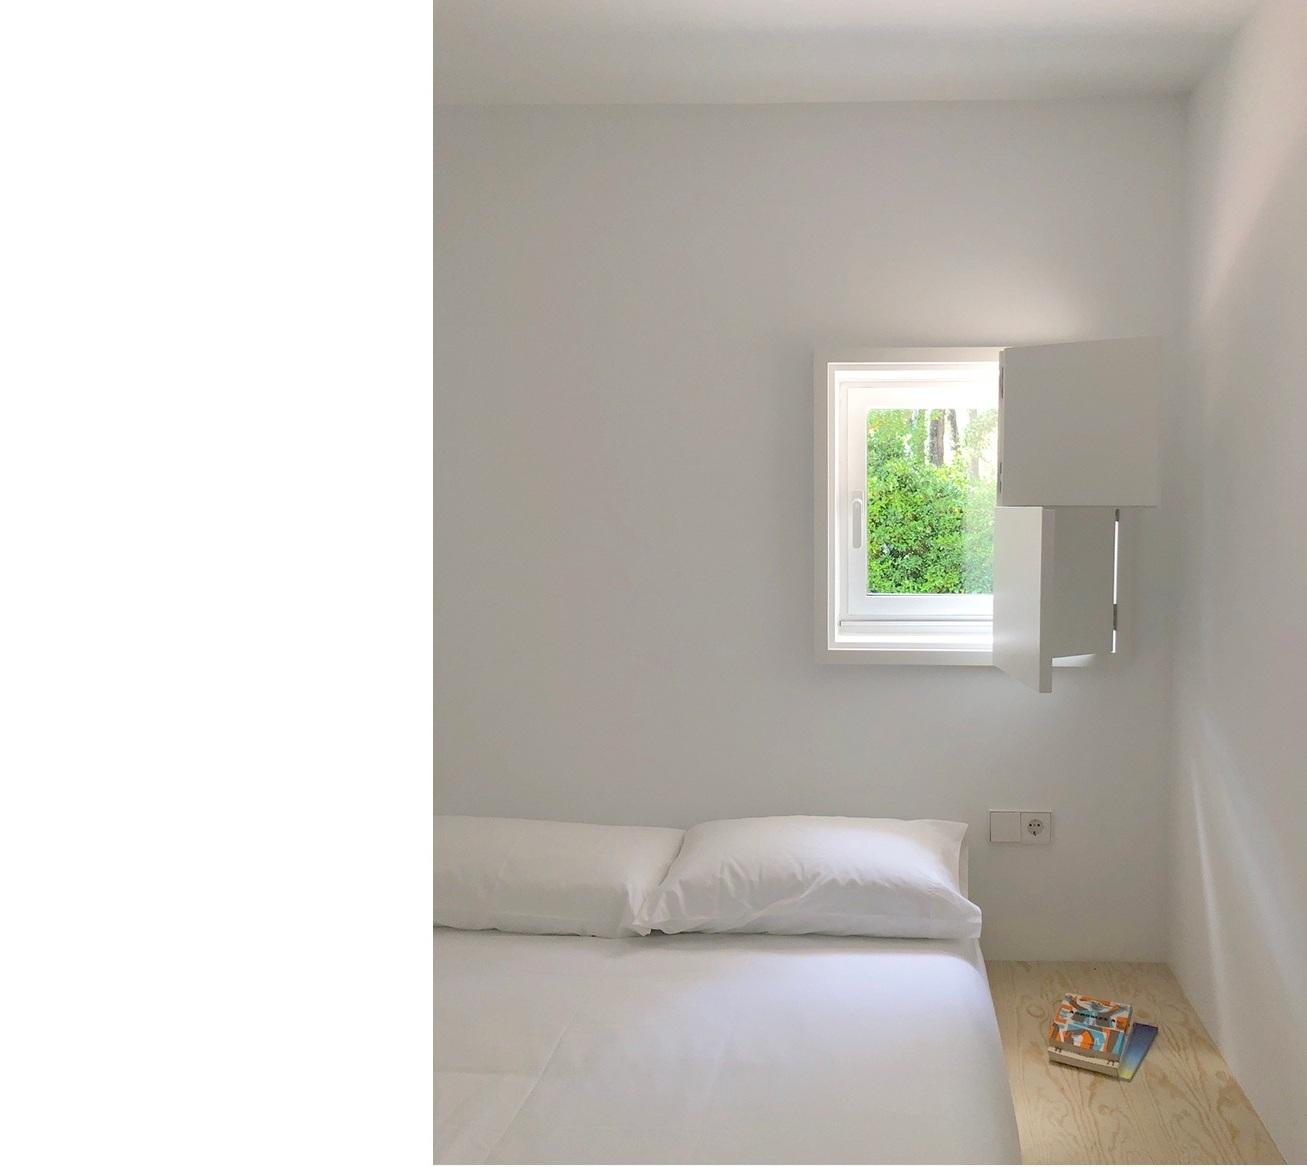 Coroso_Apartamentos%252Bde%252BVerano_4.jpg